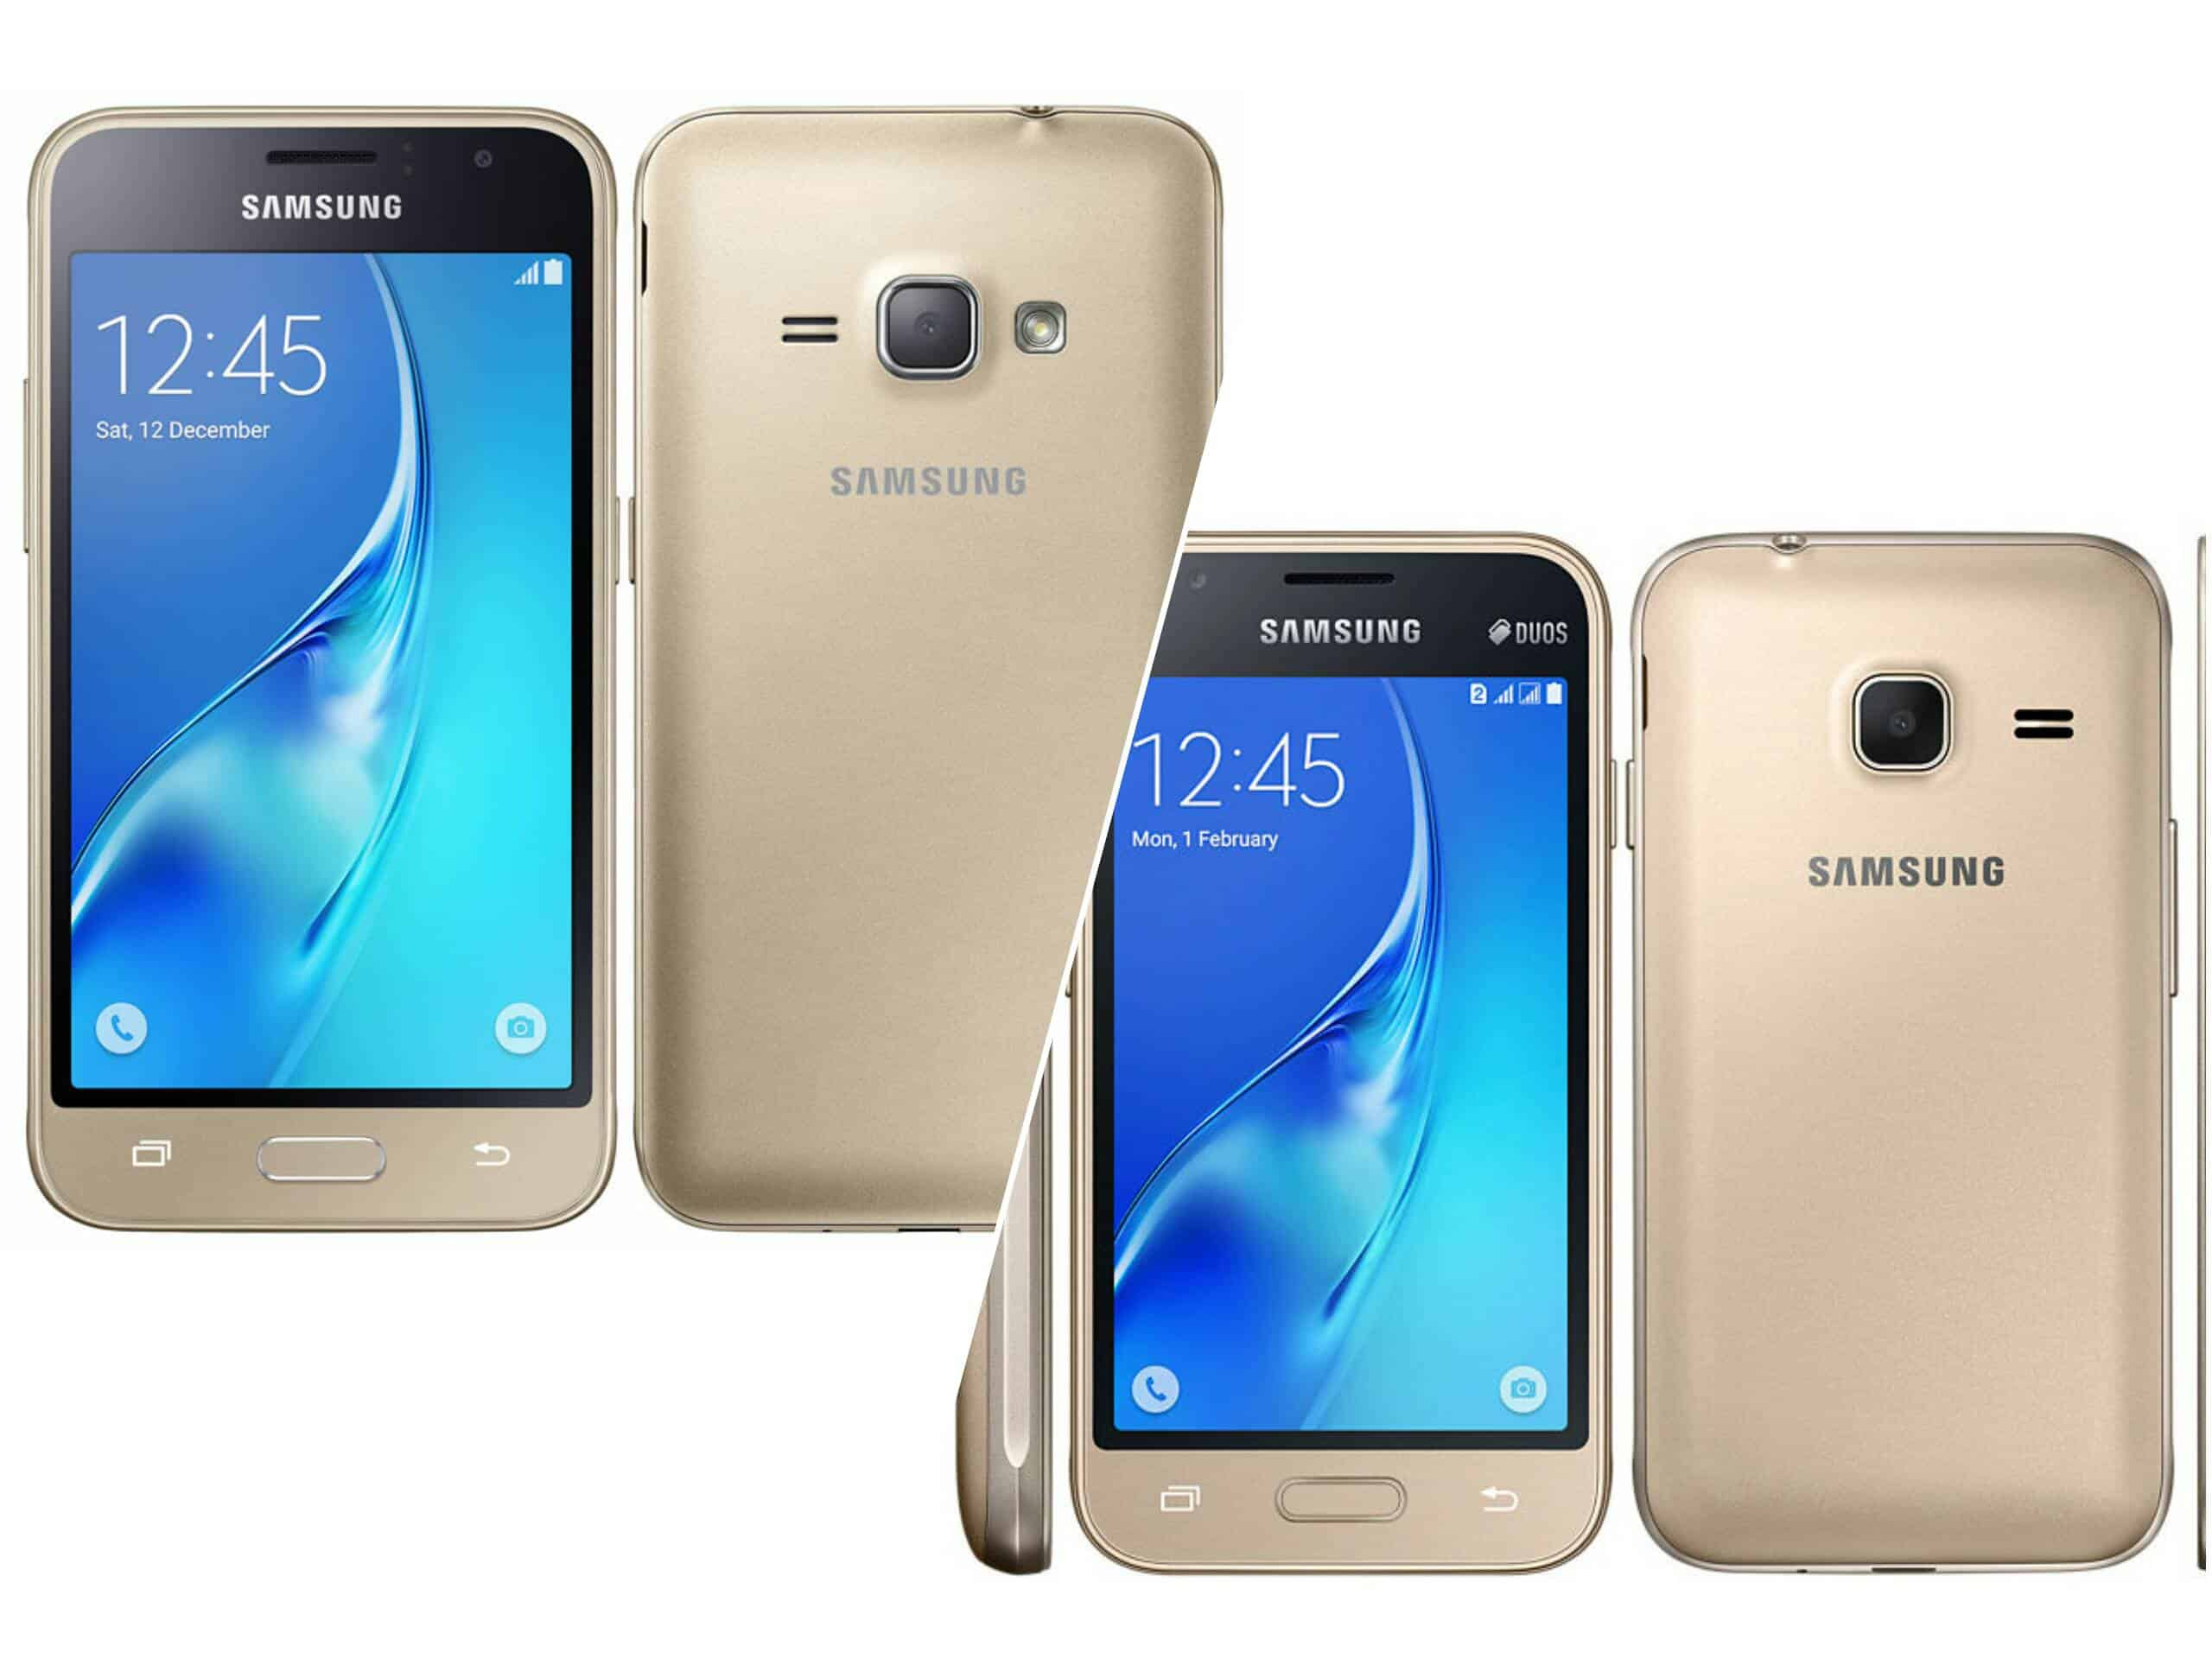 Samsung Galaxy J1 and J1 Mini_1